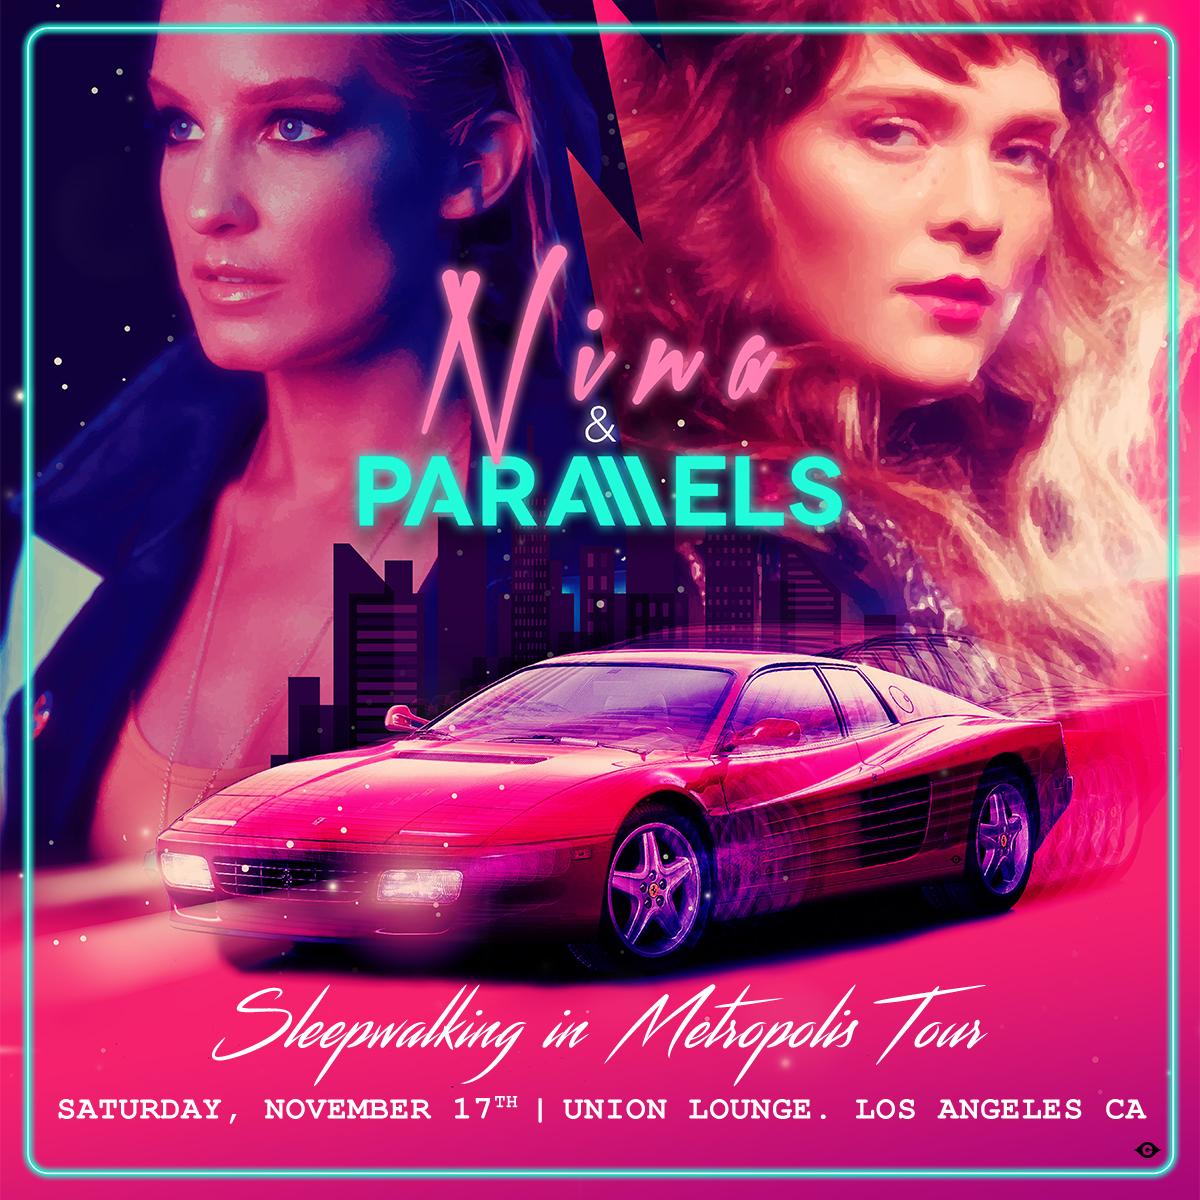 Nina_Parallels_INSTAGRAM_LOS ANGELES.jpg